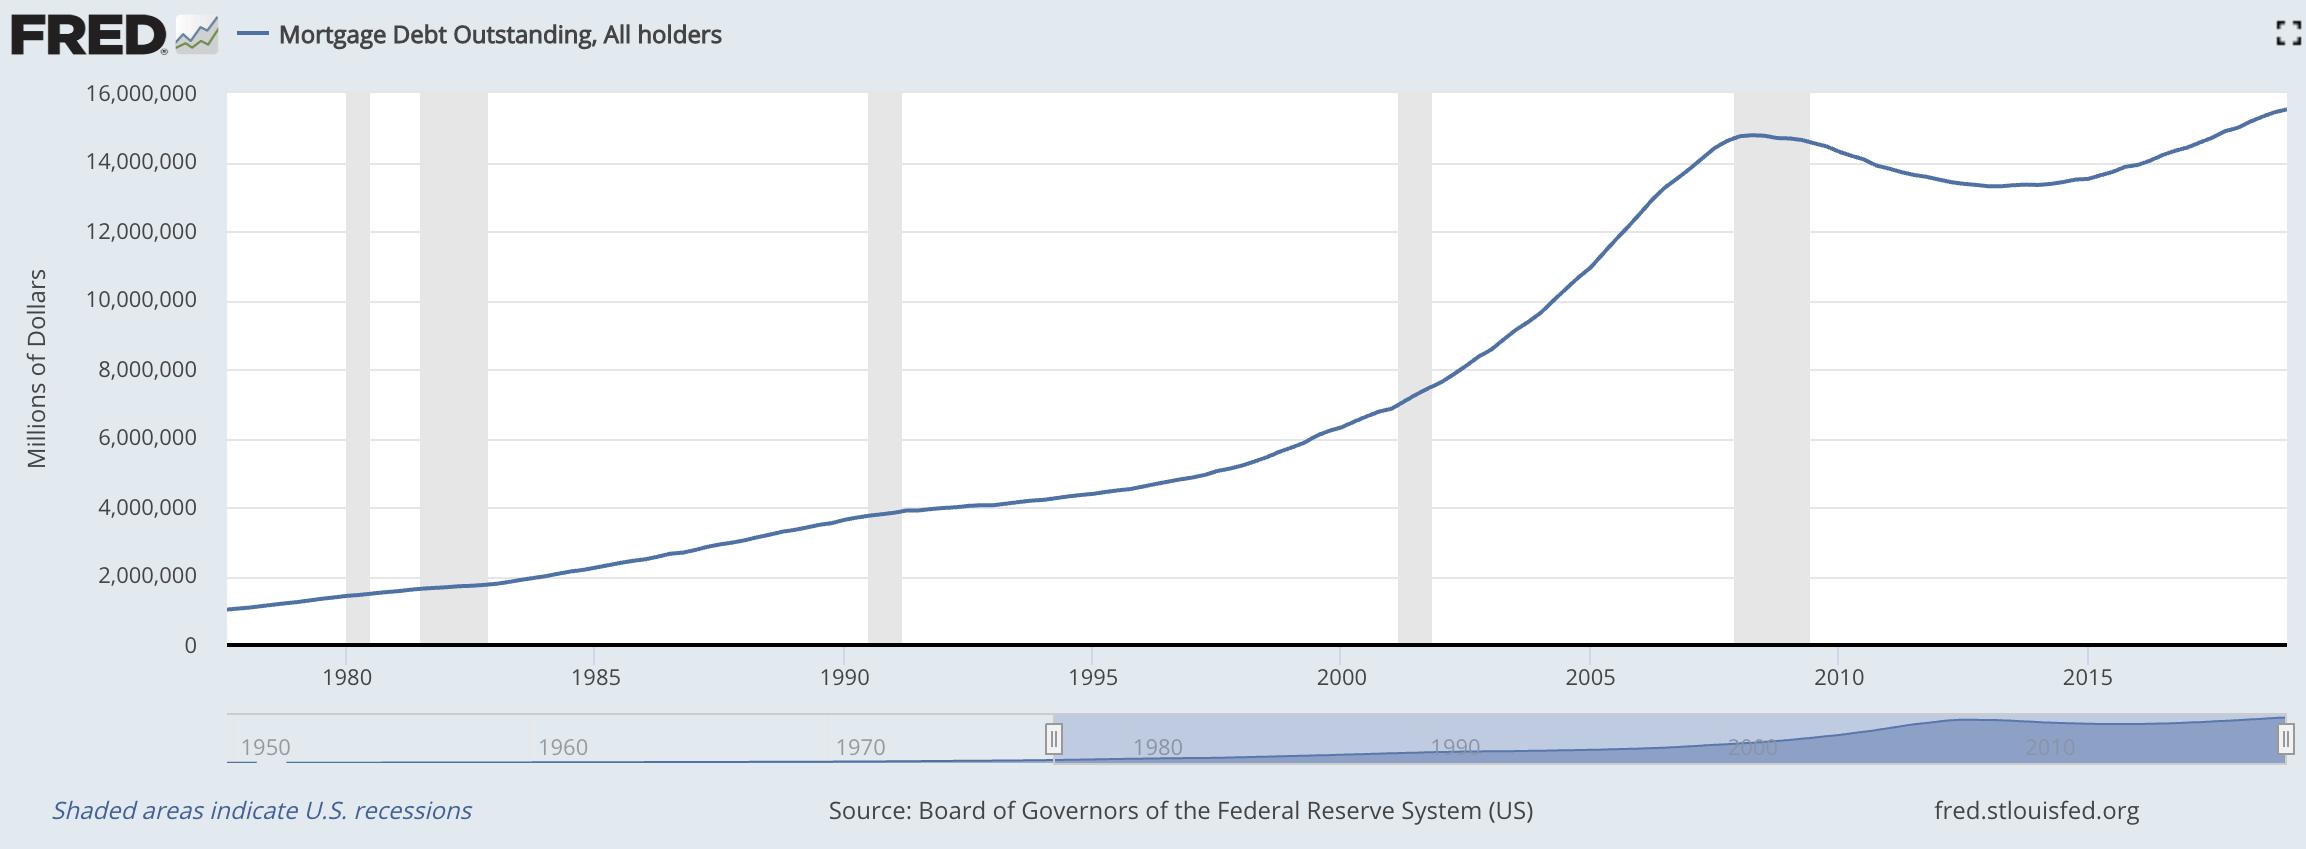 Gesamte Immobilienschulden